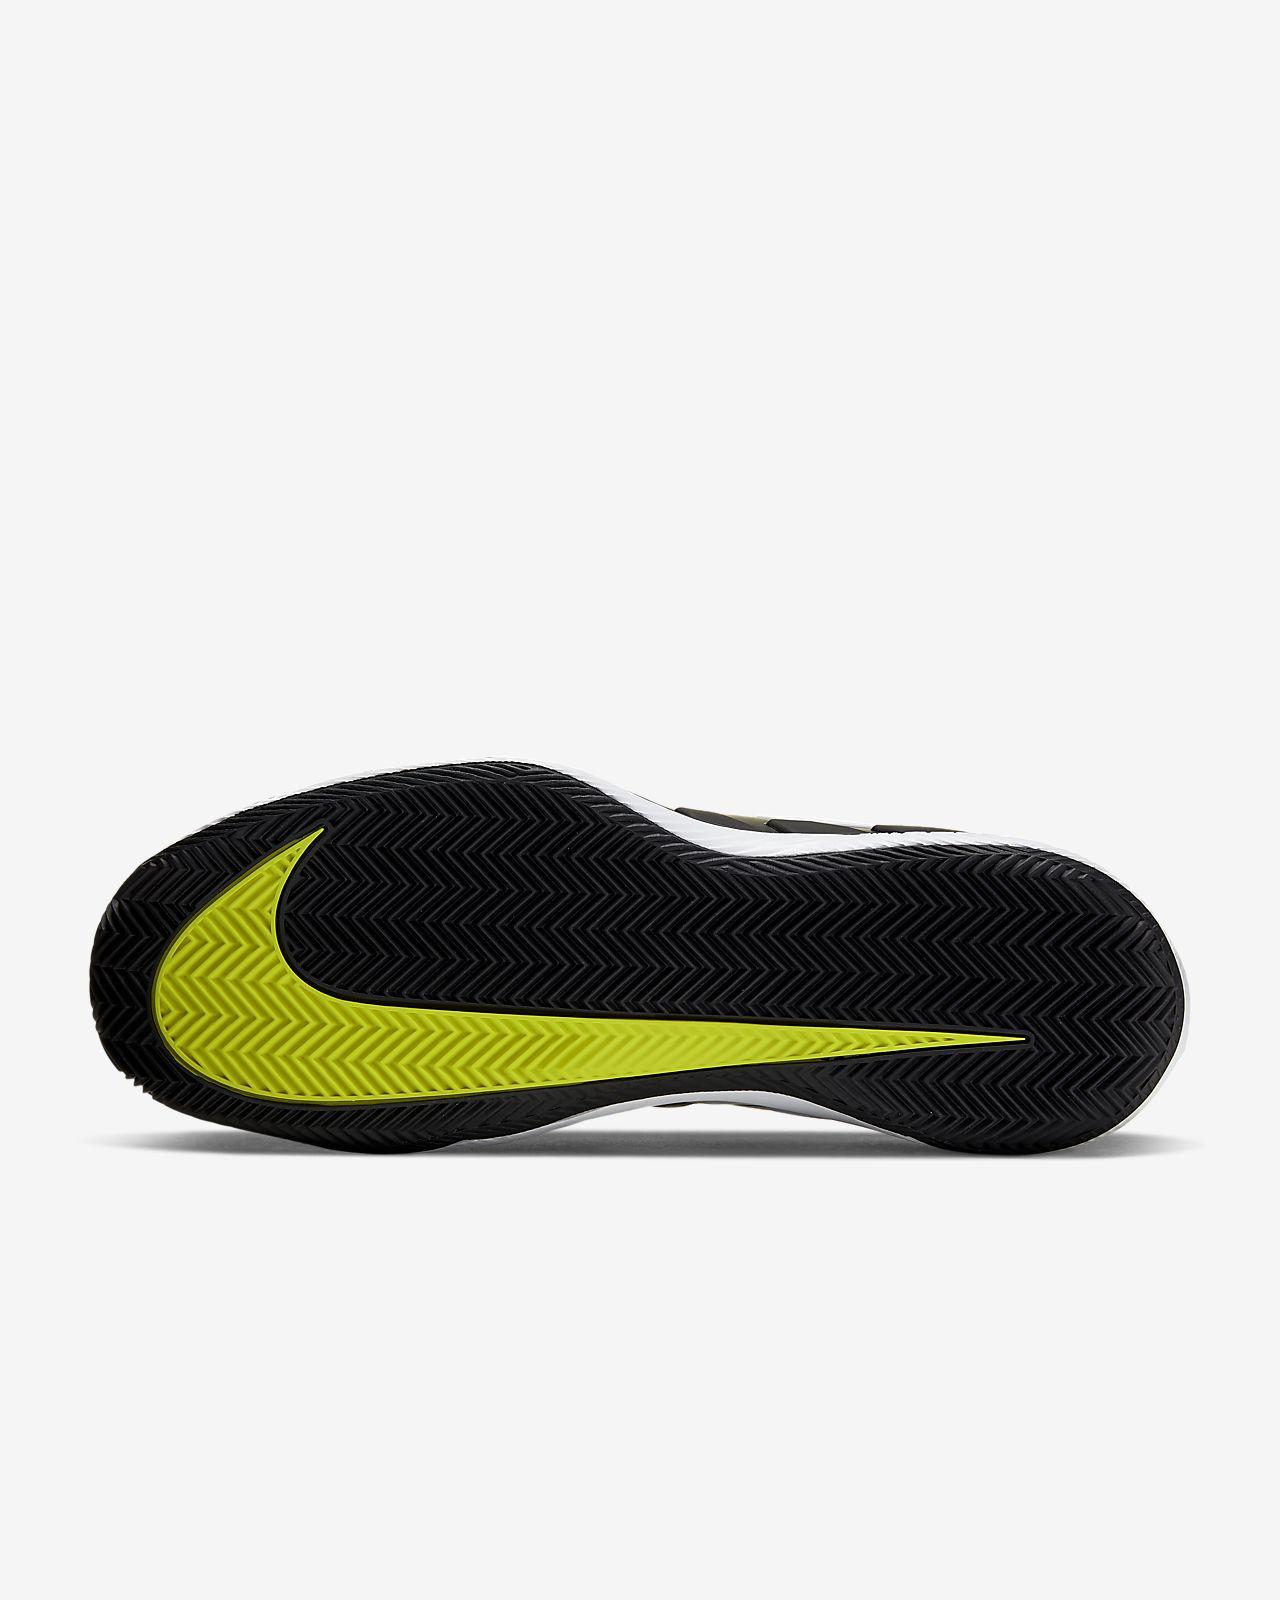 zapatillas nike tierra batida